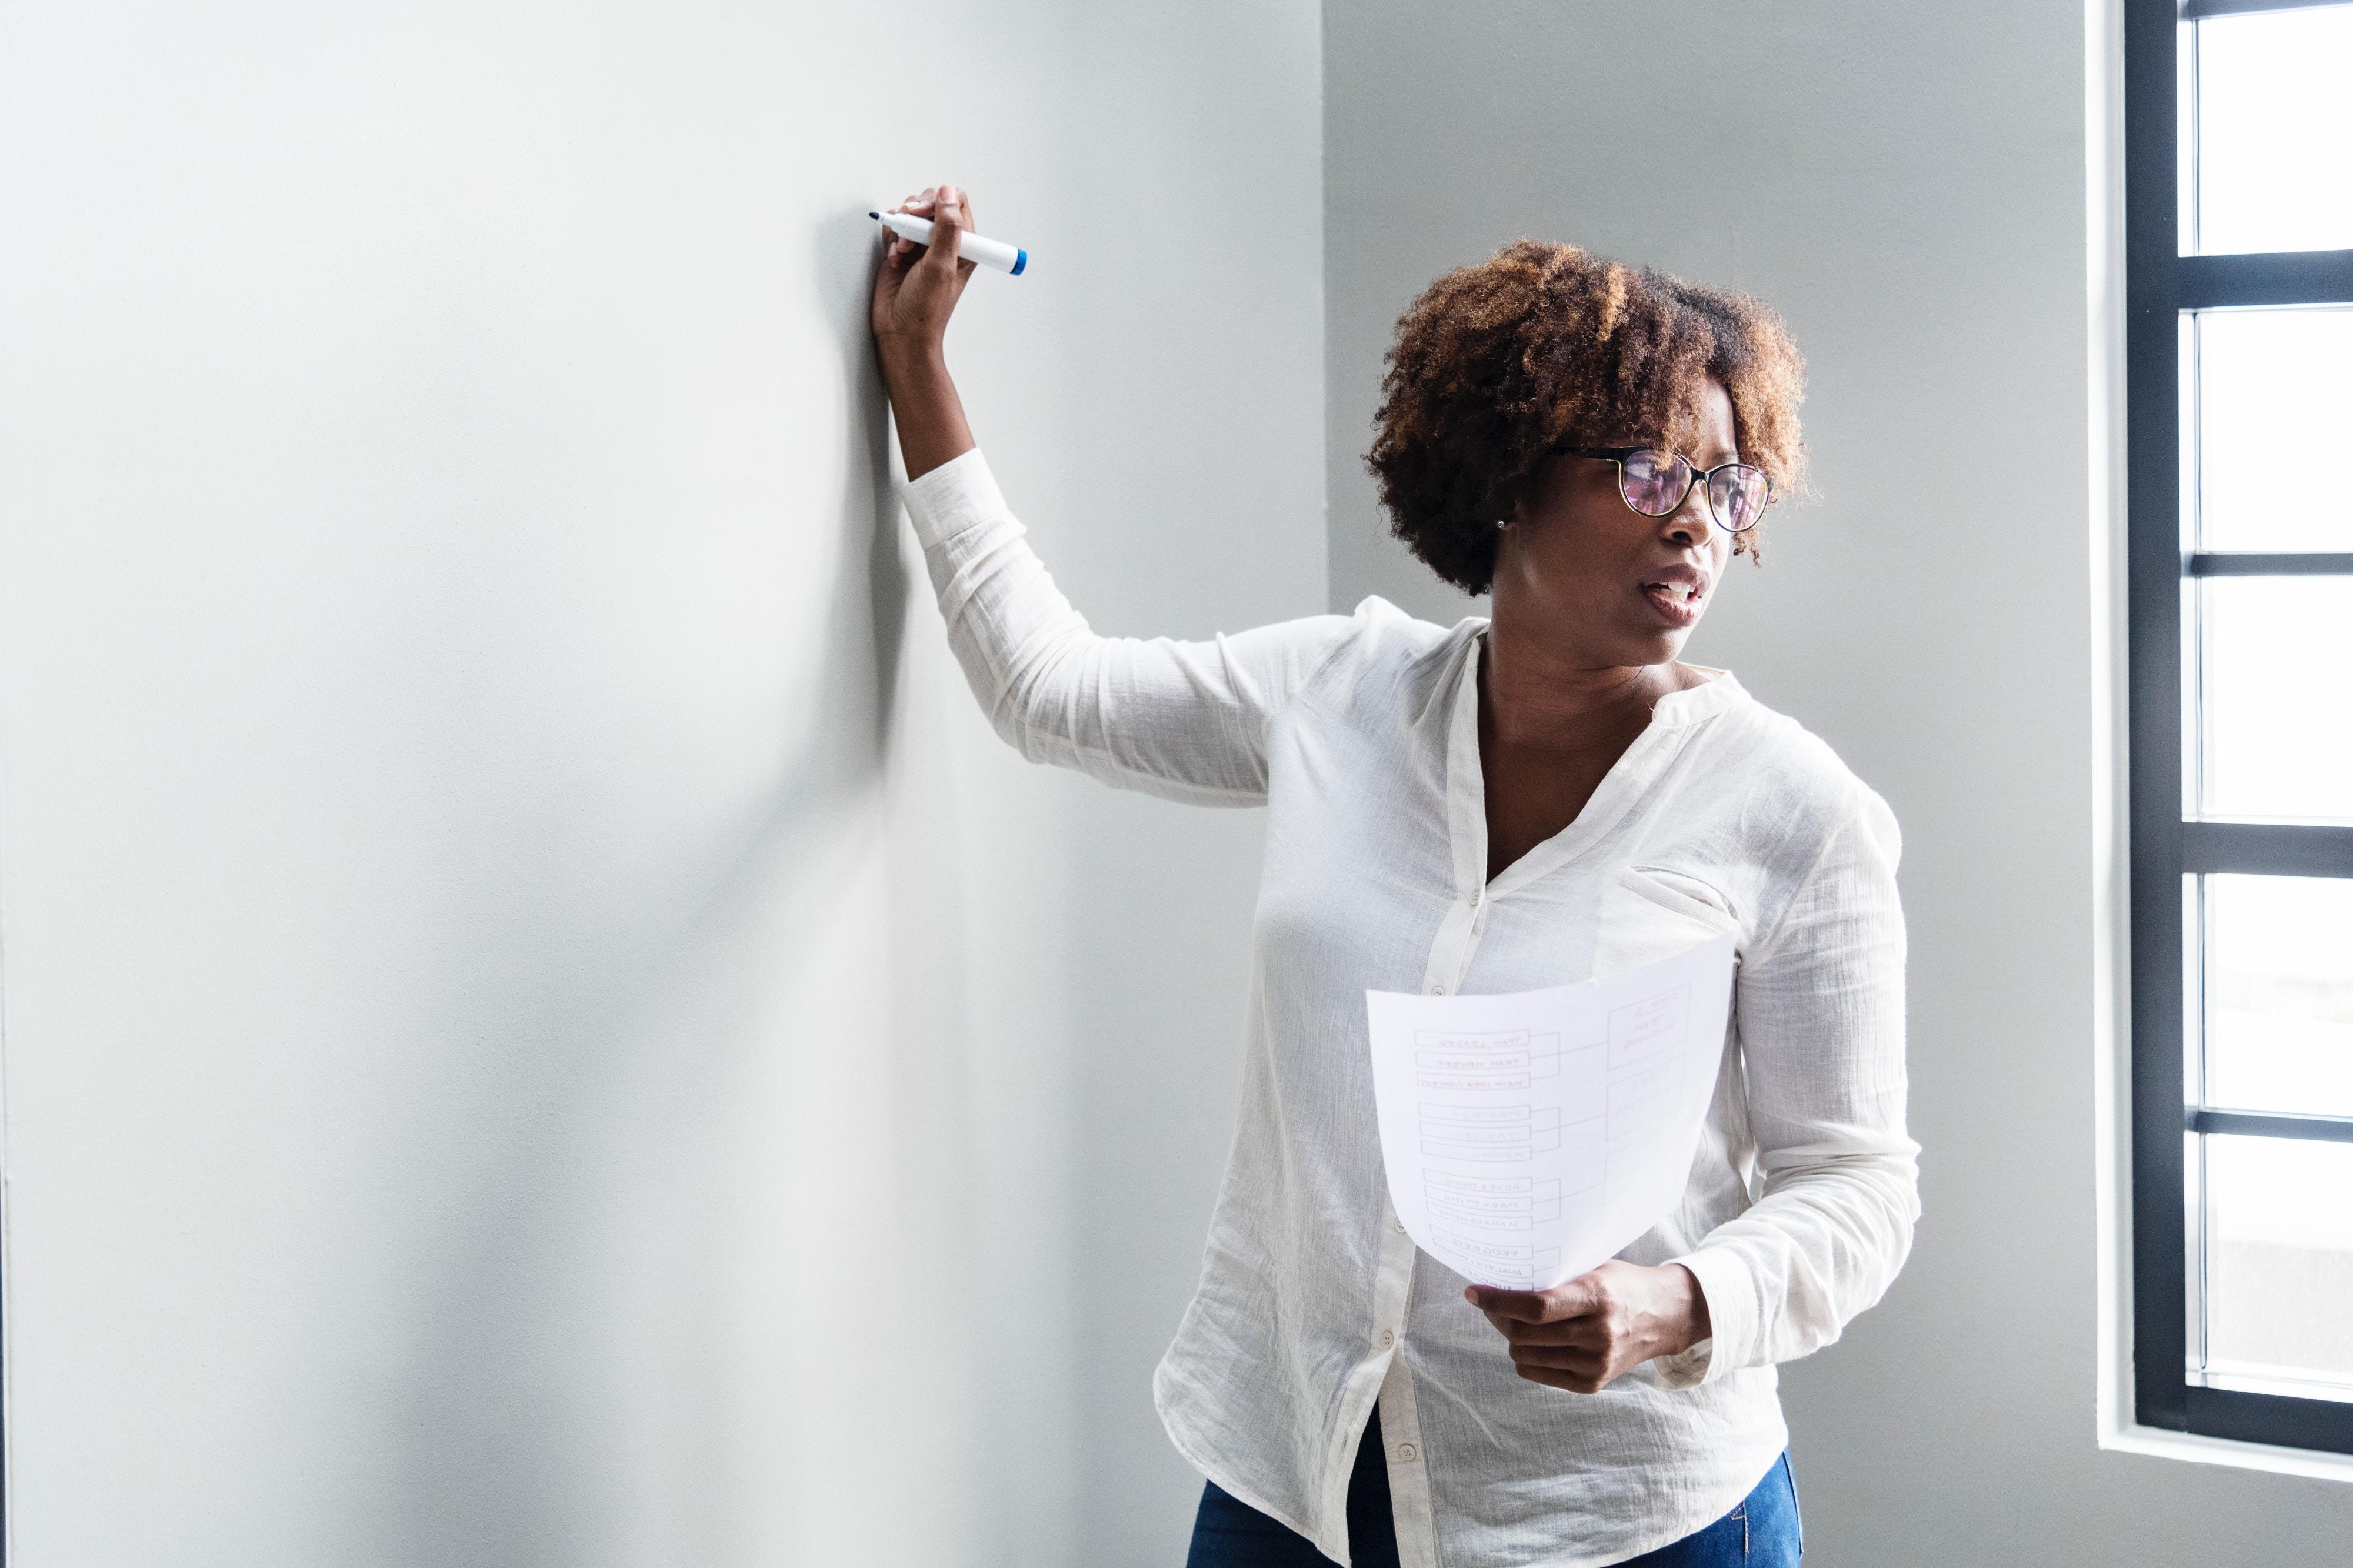 La formazione di Apprendistato per le PMI è gratuita?